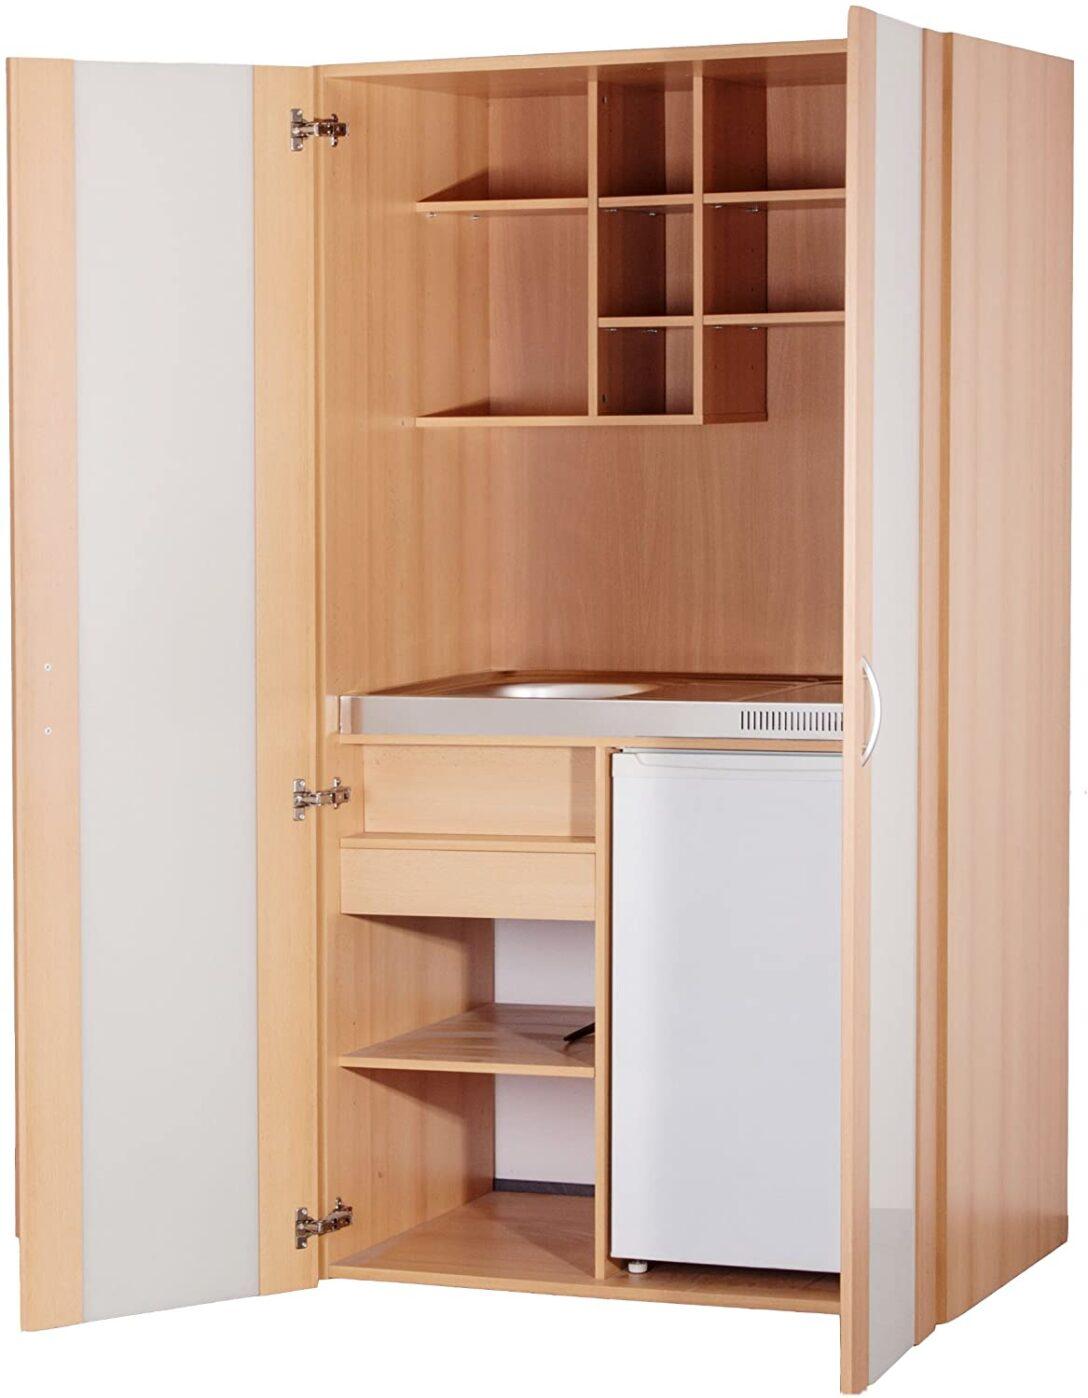 Large Size of Modulküche Ikea Miniküche Mit Kühlschrank Stengel Singleküche Sofa Schlaffunktion E Geräten Küche Kosten Kaufen Betten Bei 160x200 Wohnzimmer Singleküche Ikea Miniküche